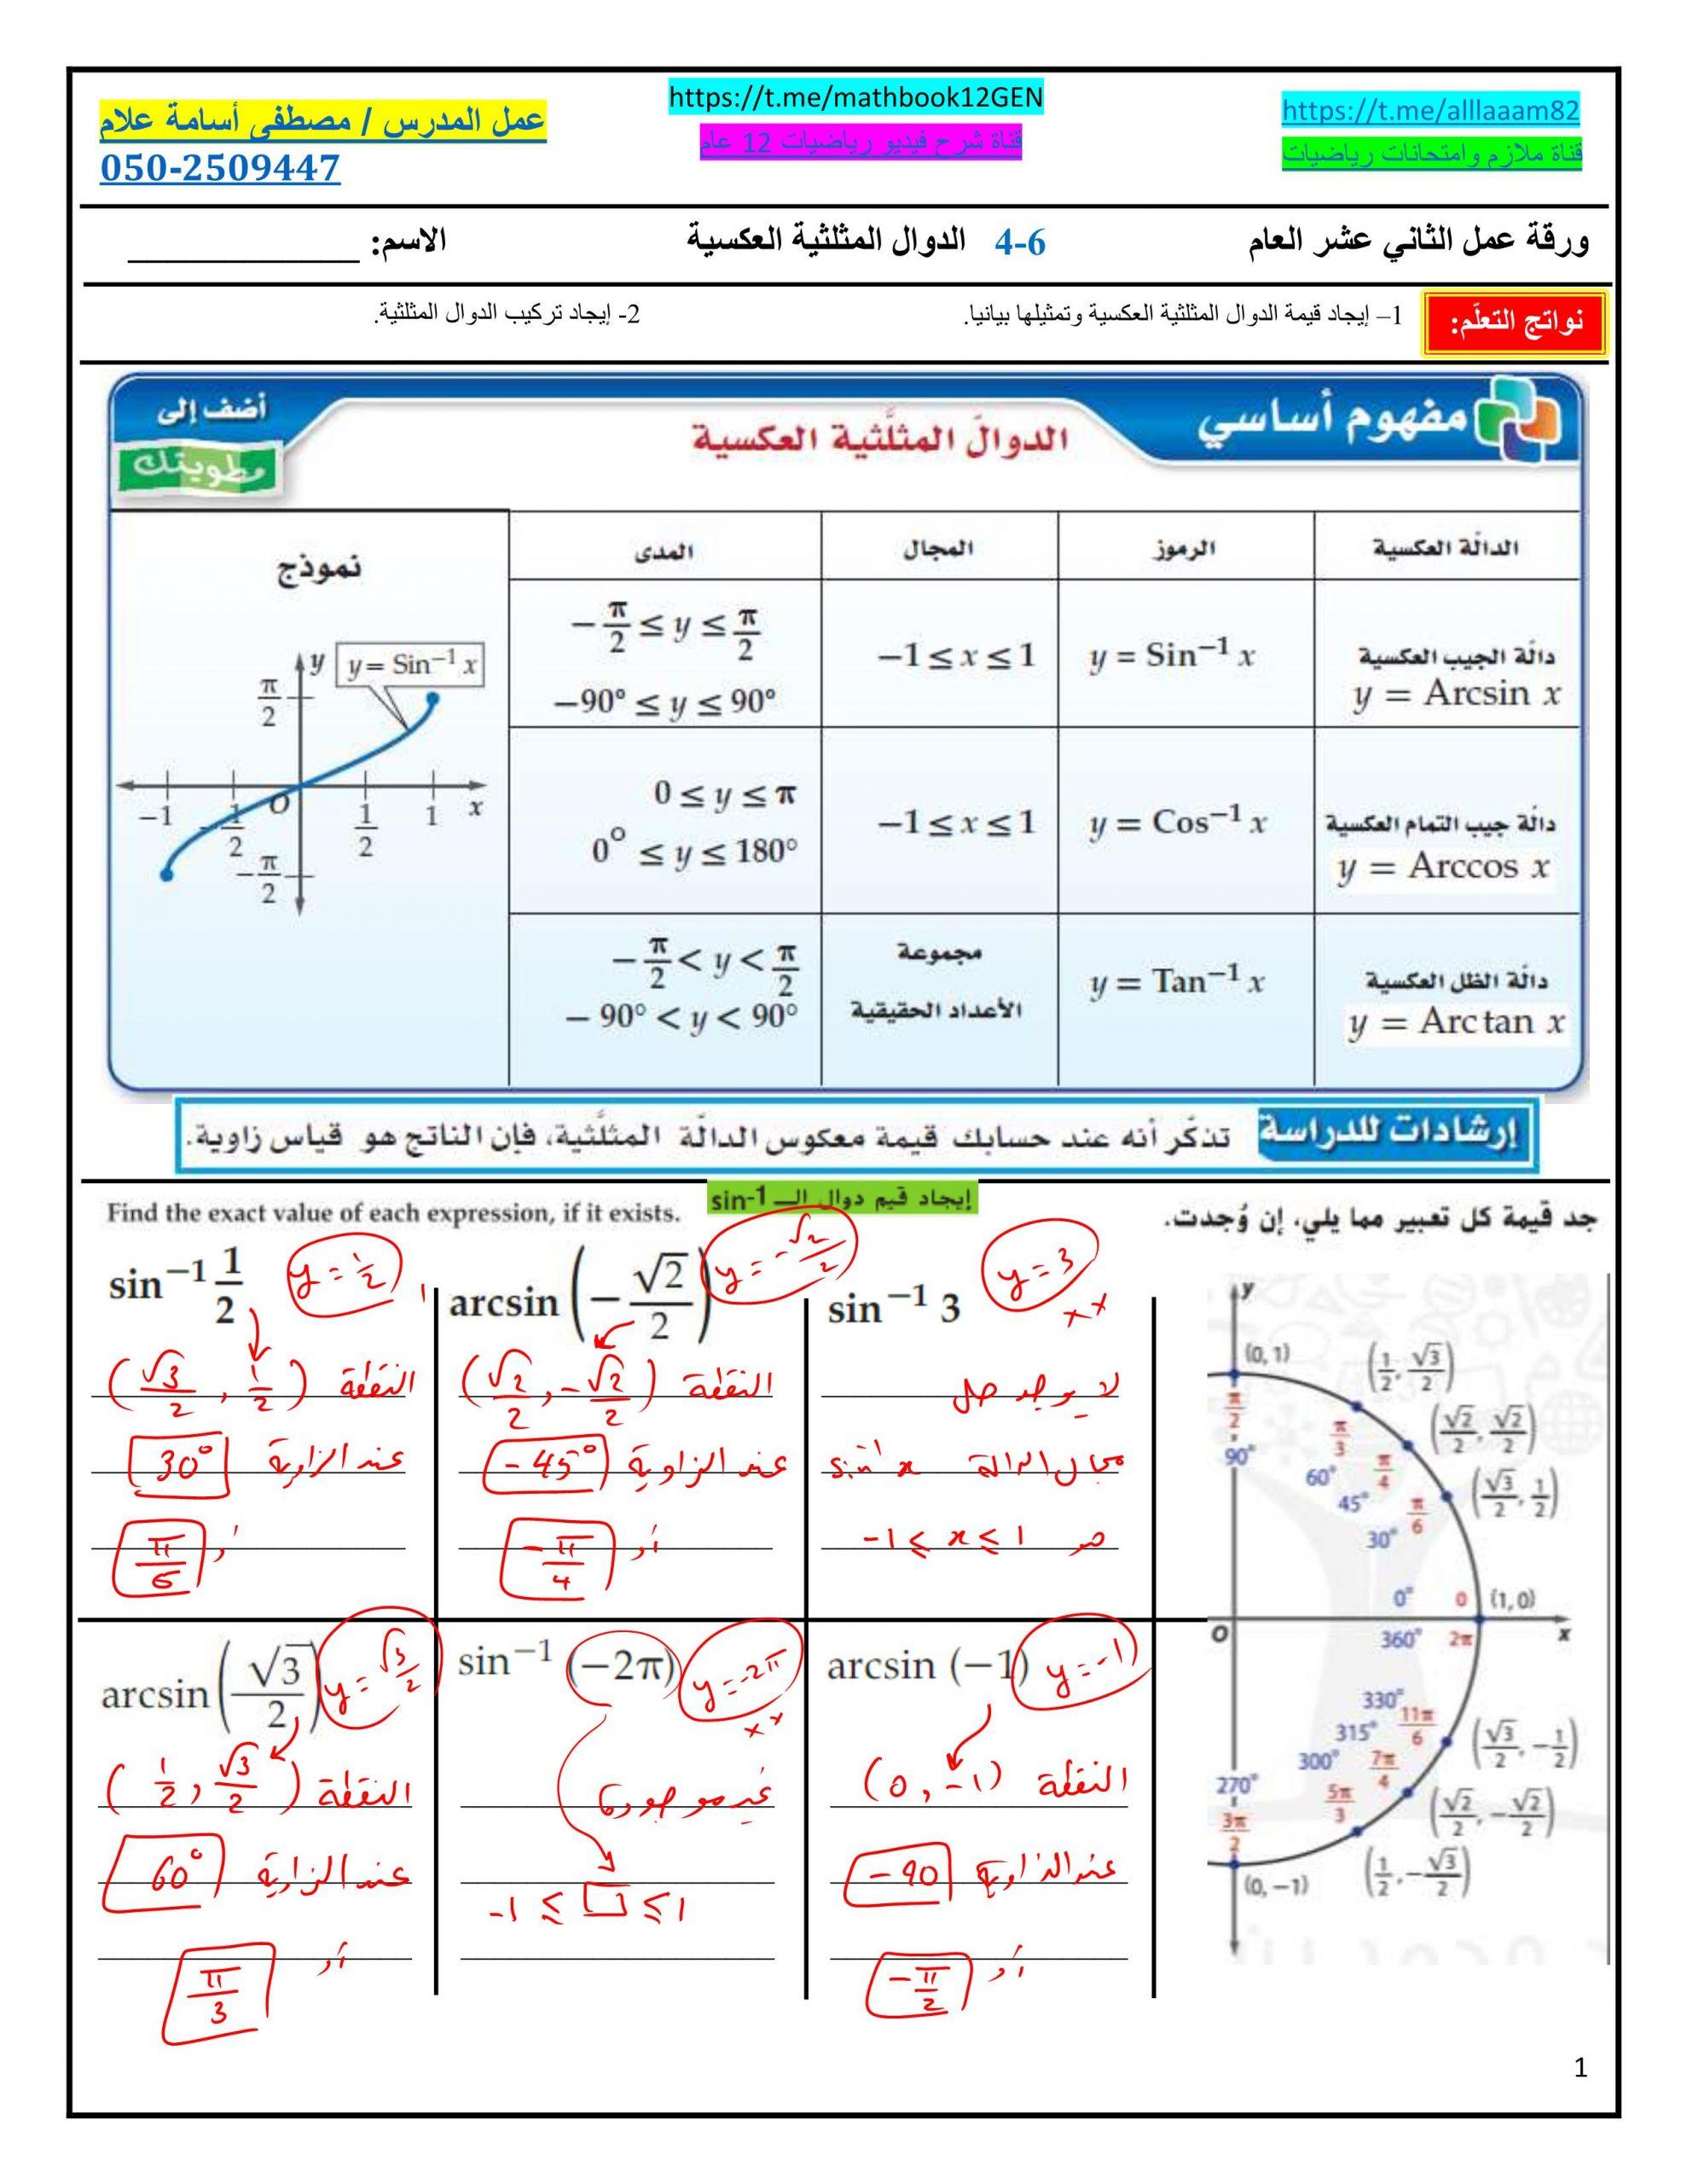 حل الدوال المثلثية العكسية الصف الثاني عشر عام مادة الرياضيات المتكاملة